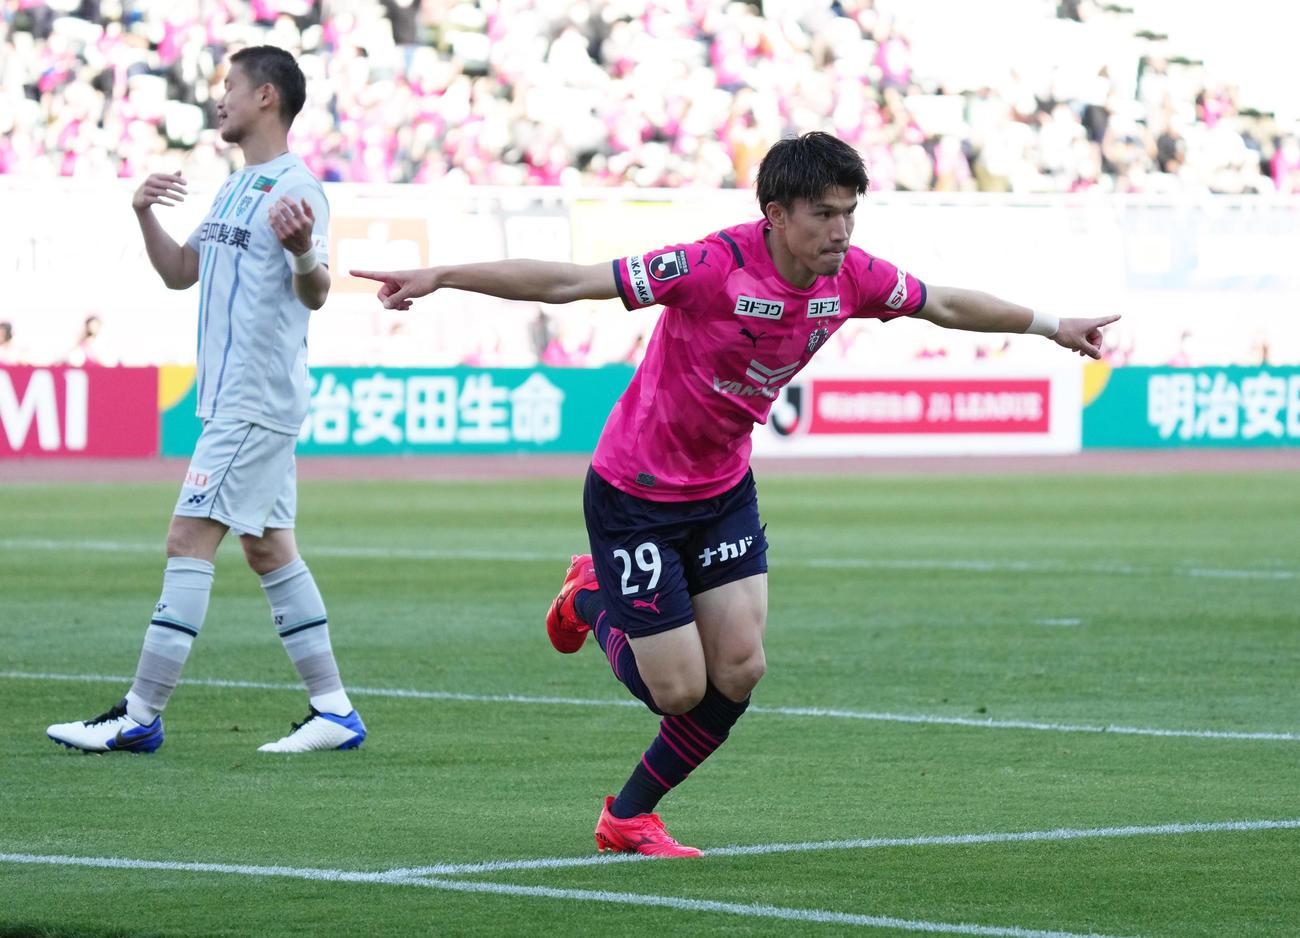 C大阪対福岡 後半、ゴールを決めたC大阪FW加藤は飛行機ポーズ(撮影・清水貴仁)